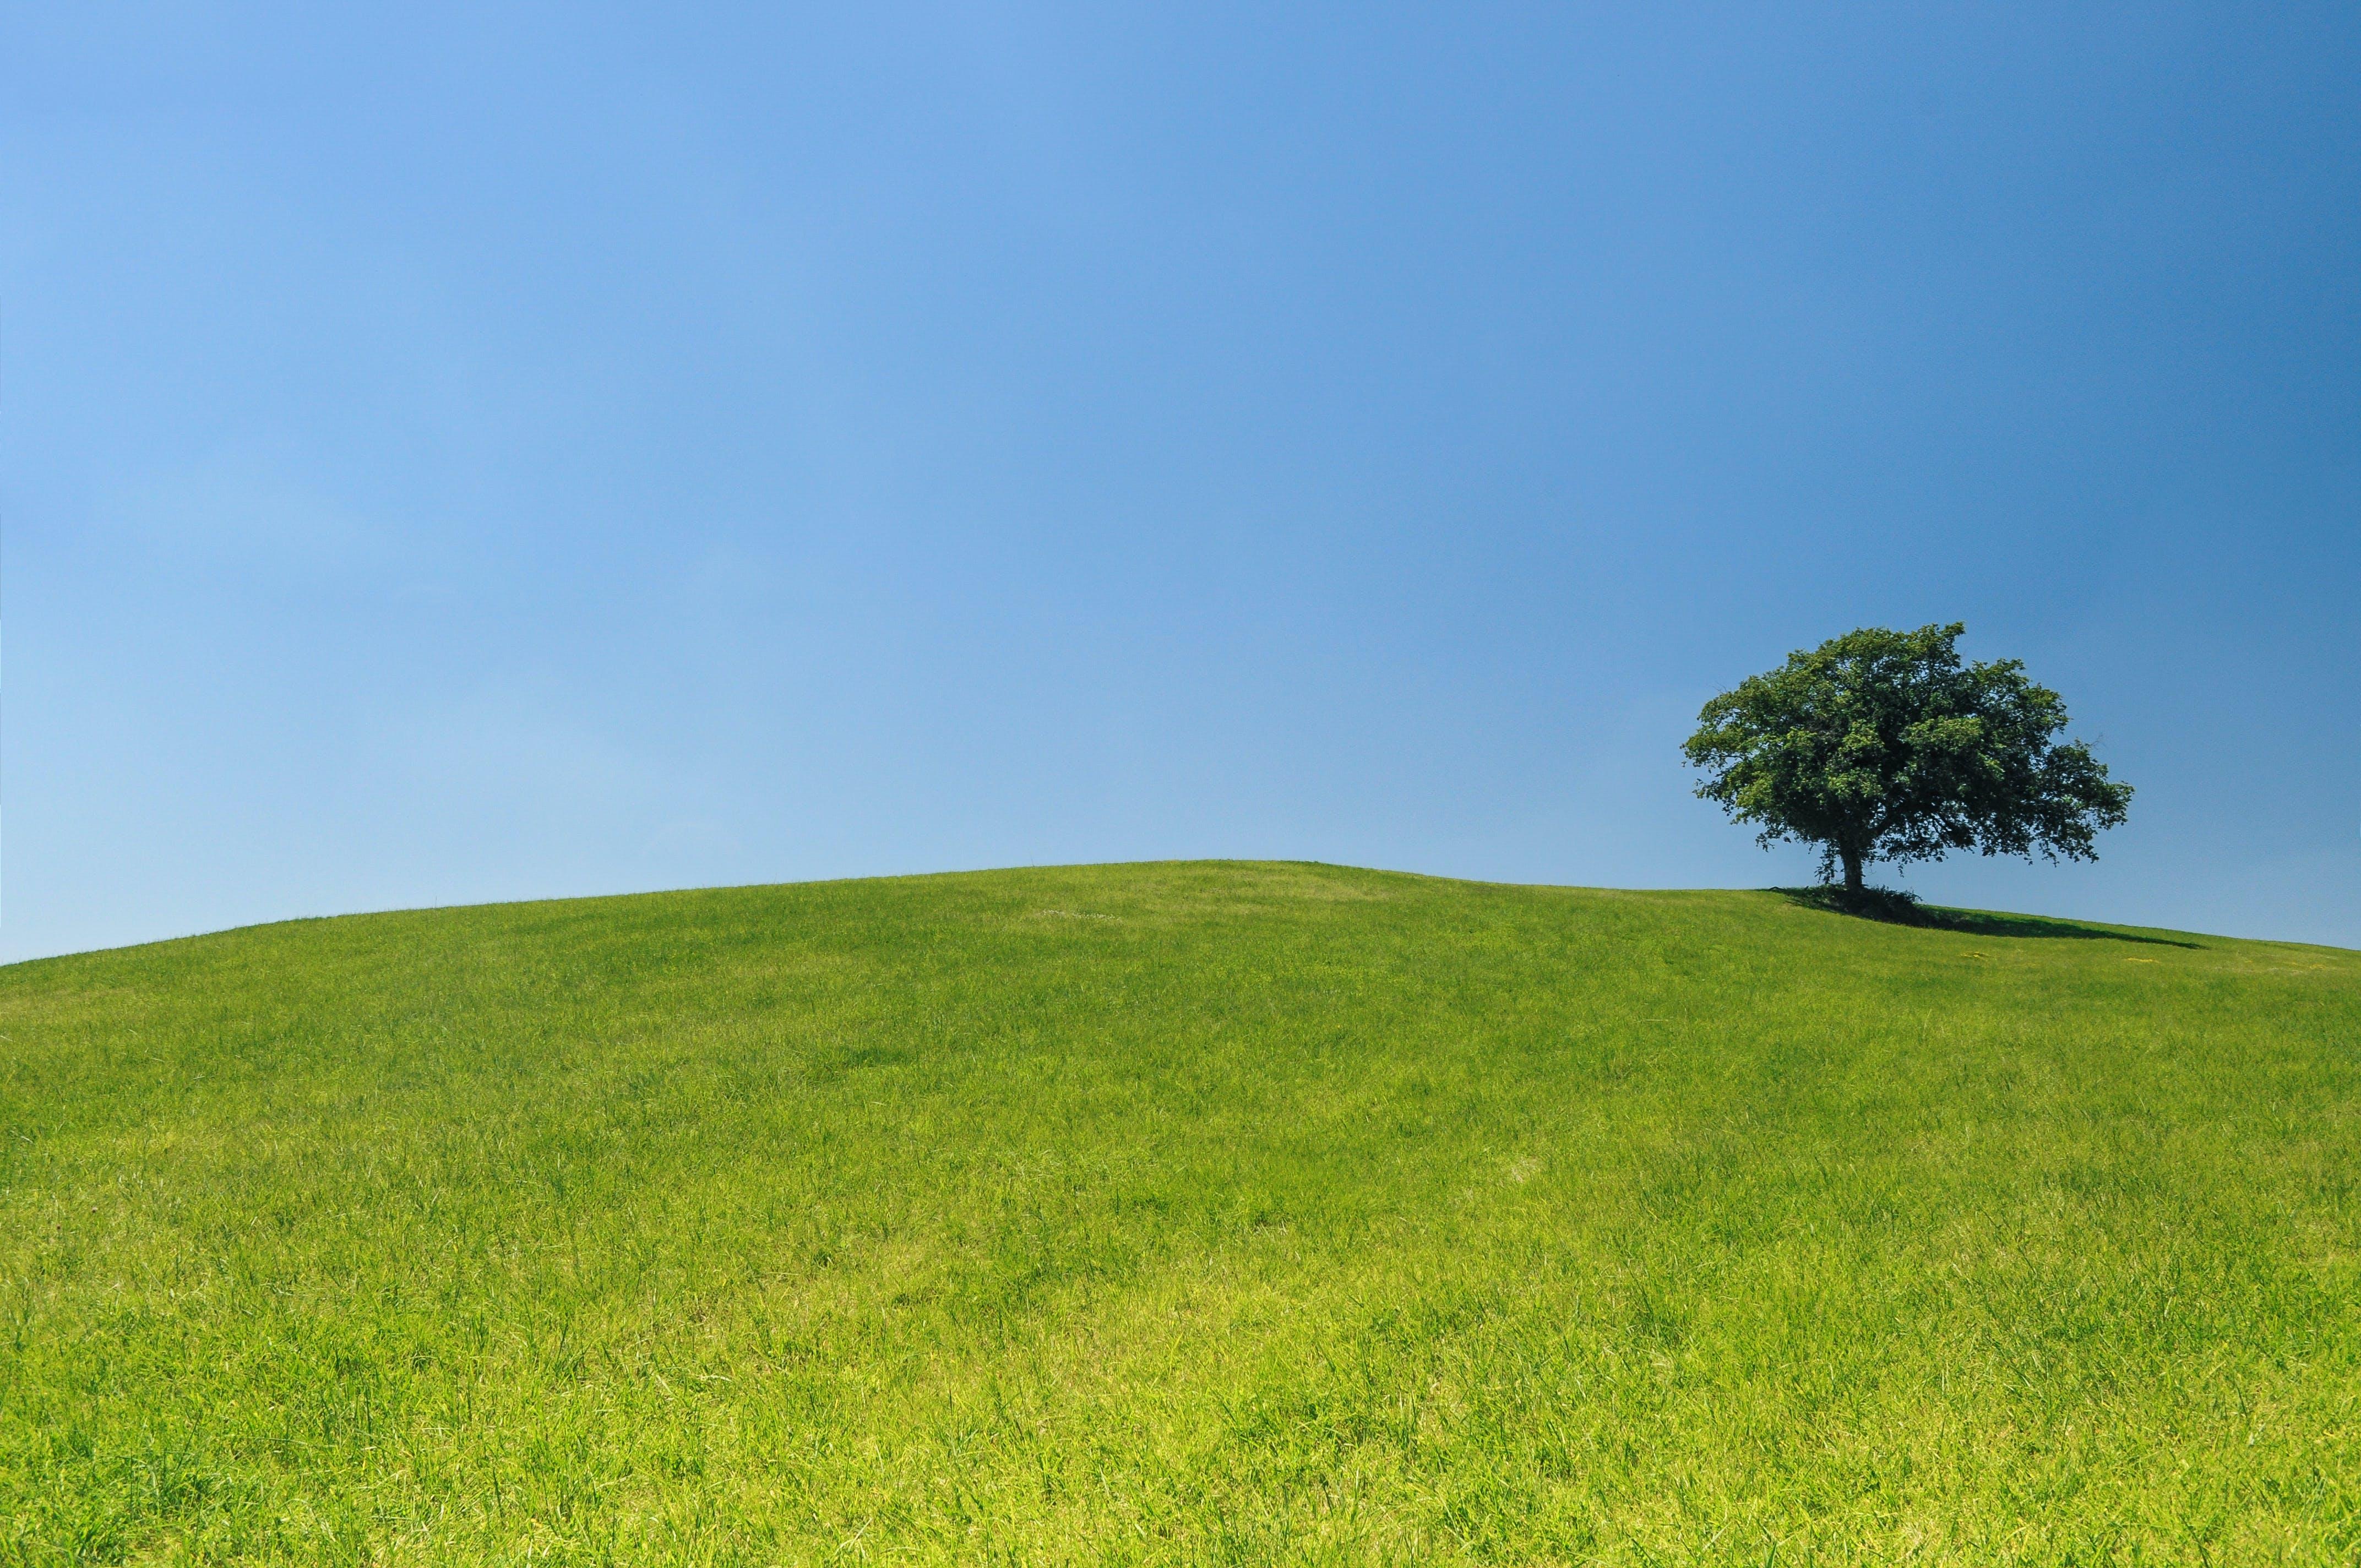 คลังภาพถ่ายฟรี ของ ทุ่งหญ้า, สีเขียว, เนินเขา, เหงา